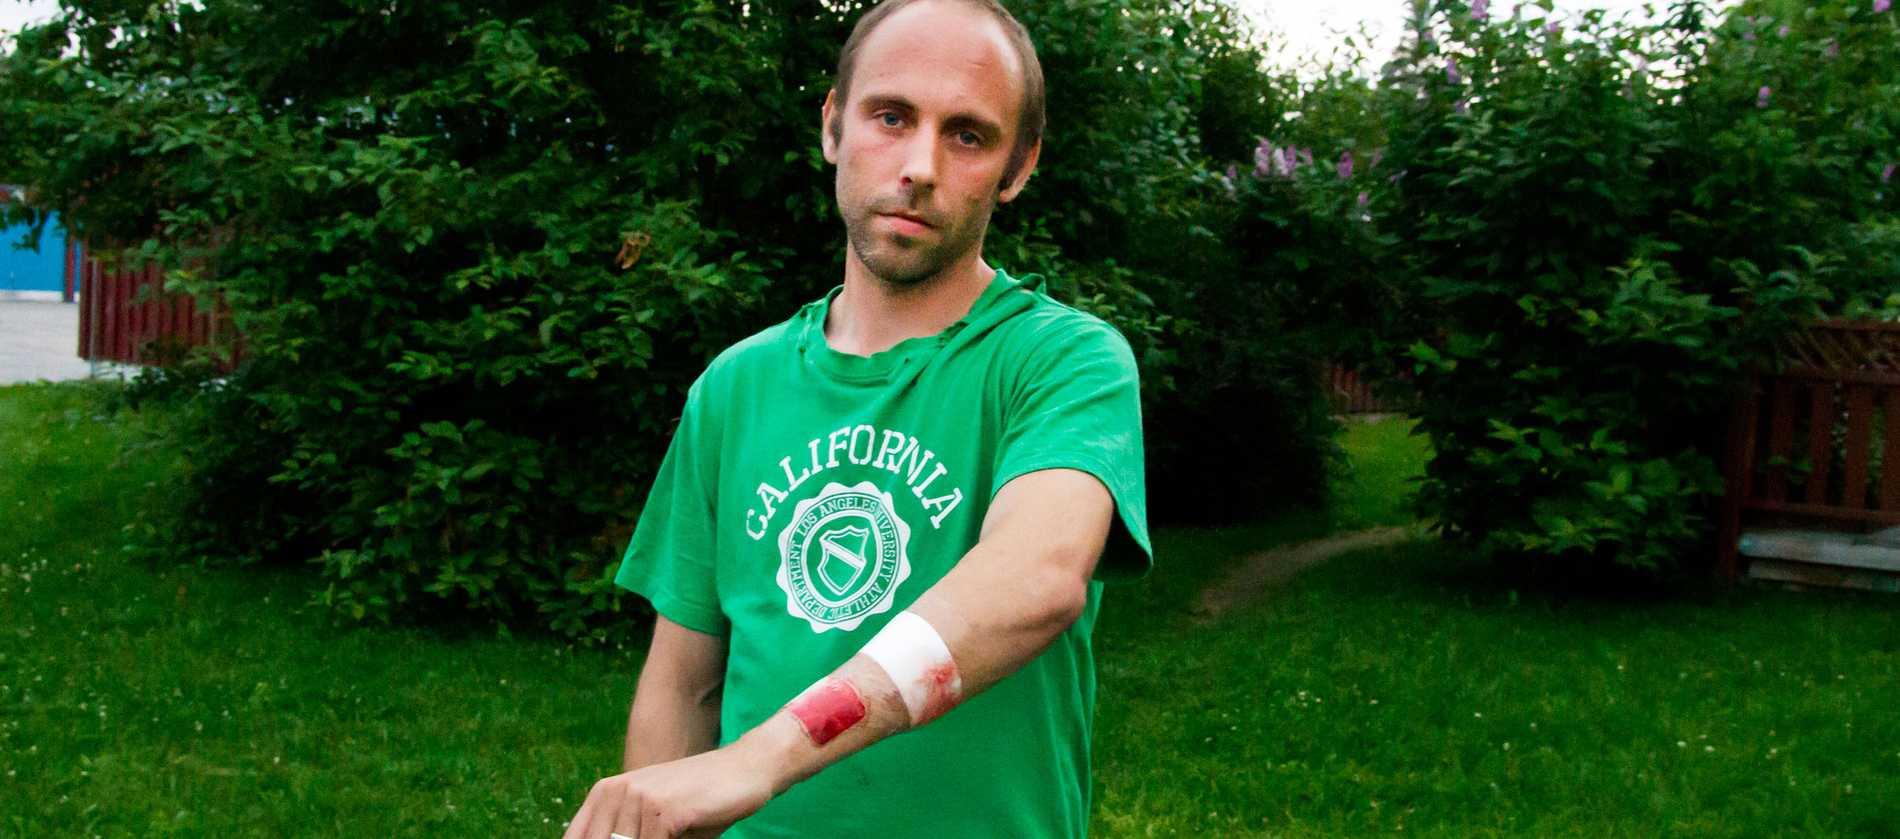 """BITEN. Hunden, vars ägare var berusad, gjorde utfall mot bilar och andra hundar. """"Jag tänkte att det här kommer sluta illa"""", säger Andreas Hällström, 33, som blev biten när han kom till undsättning."""